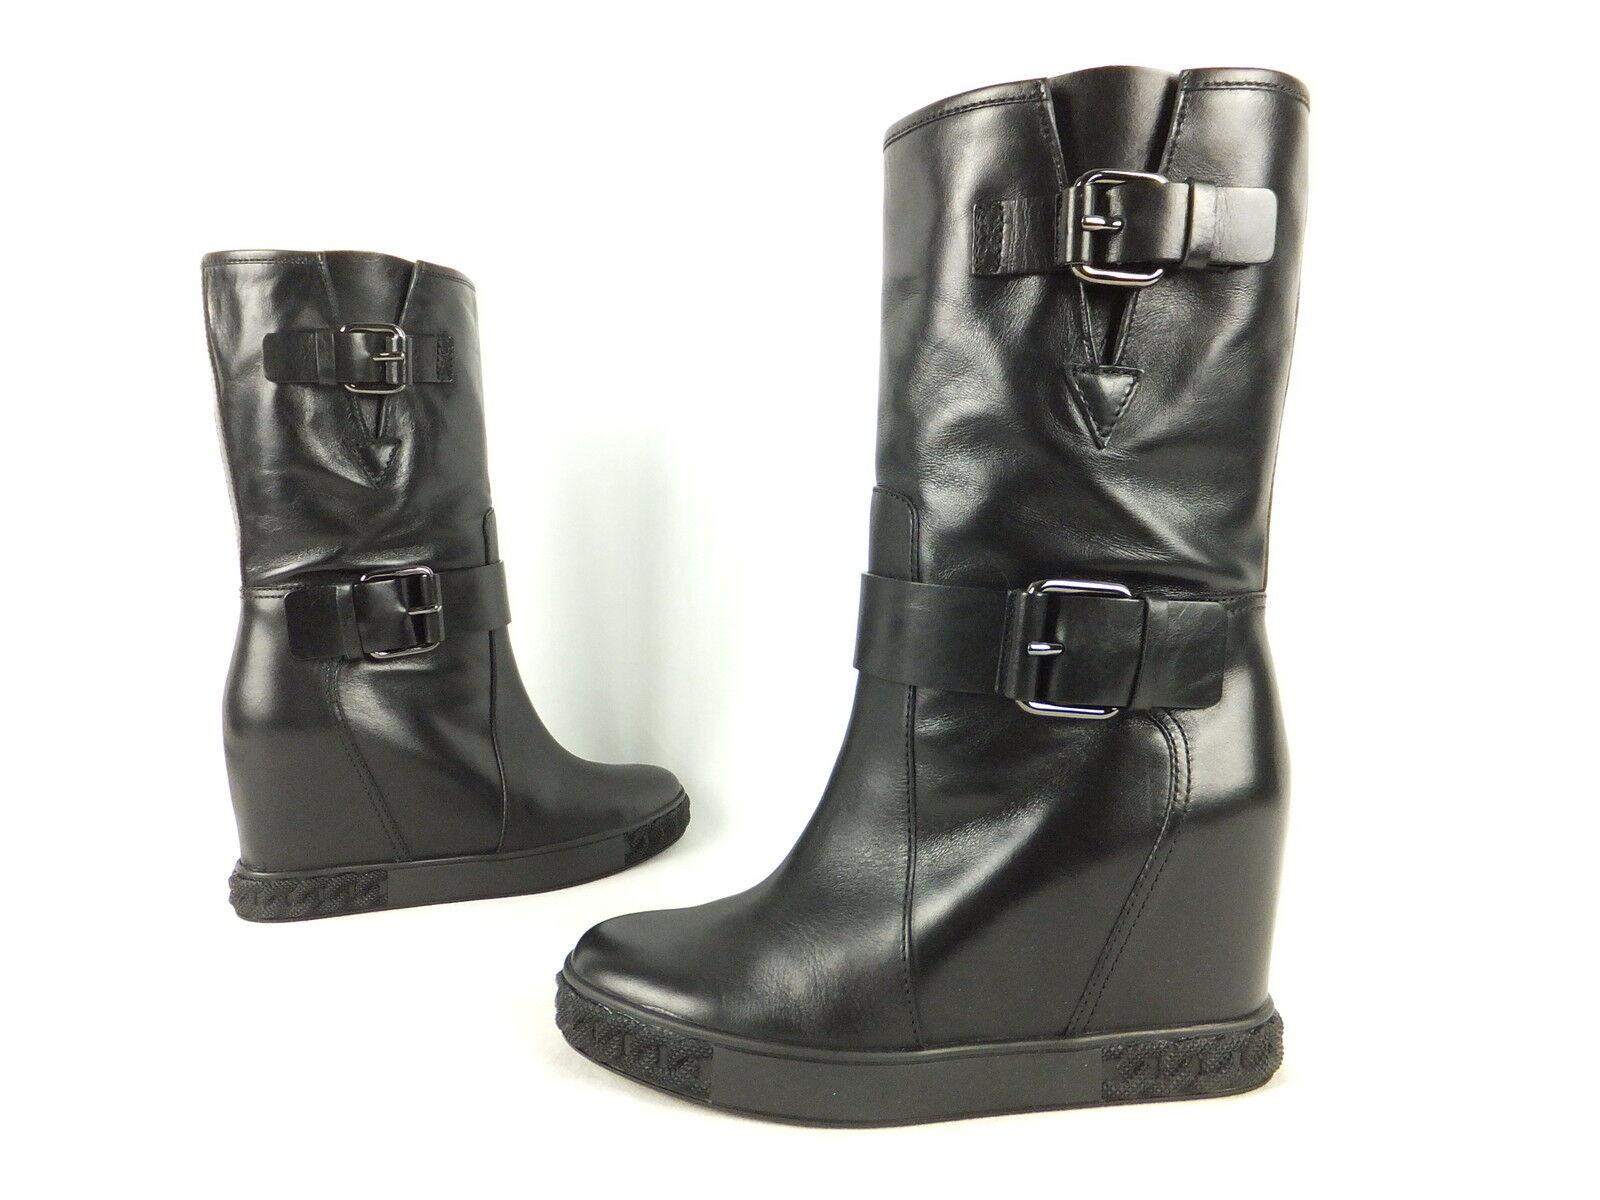 Casadei botas botín - 38-negro-nuevo de con caja de cartón-botas de 38-negro-nuevo lujo ea6d8d